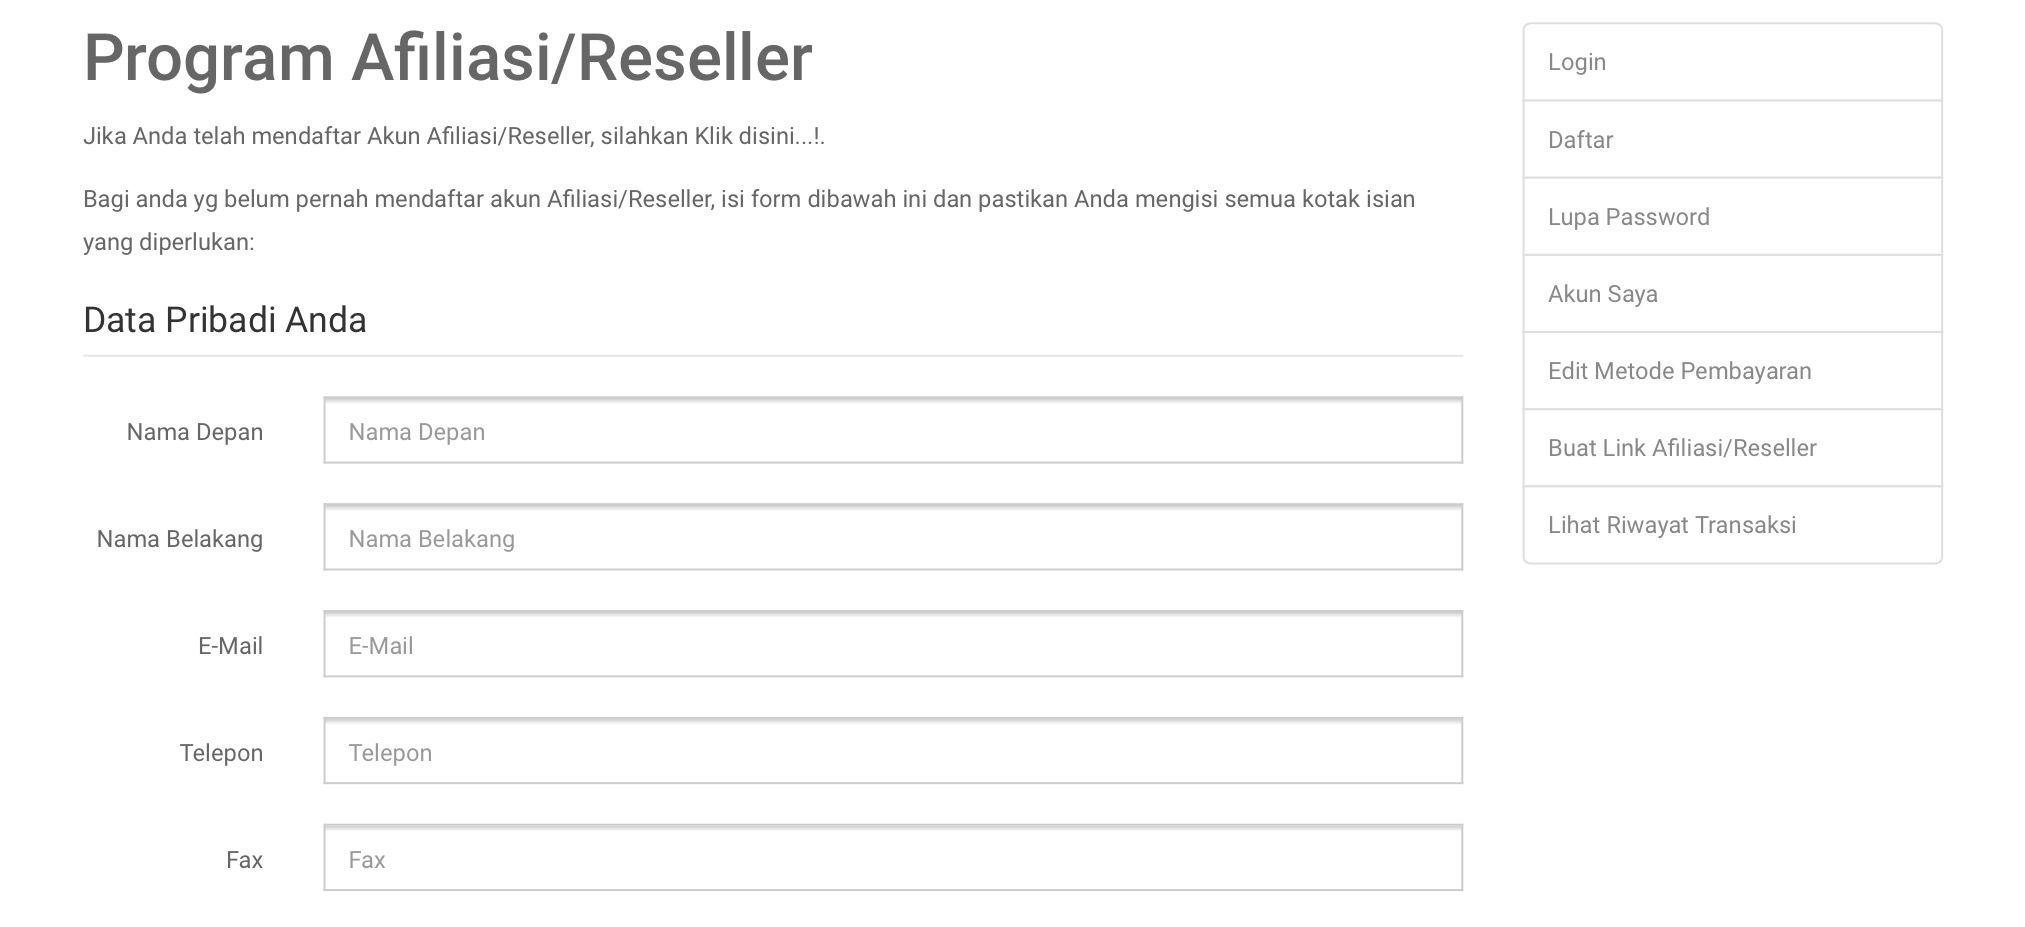 Panduan Pendaftaran Akun Afiliasi / Reseller -Tahap 3